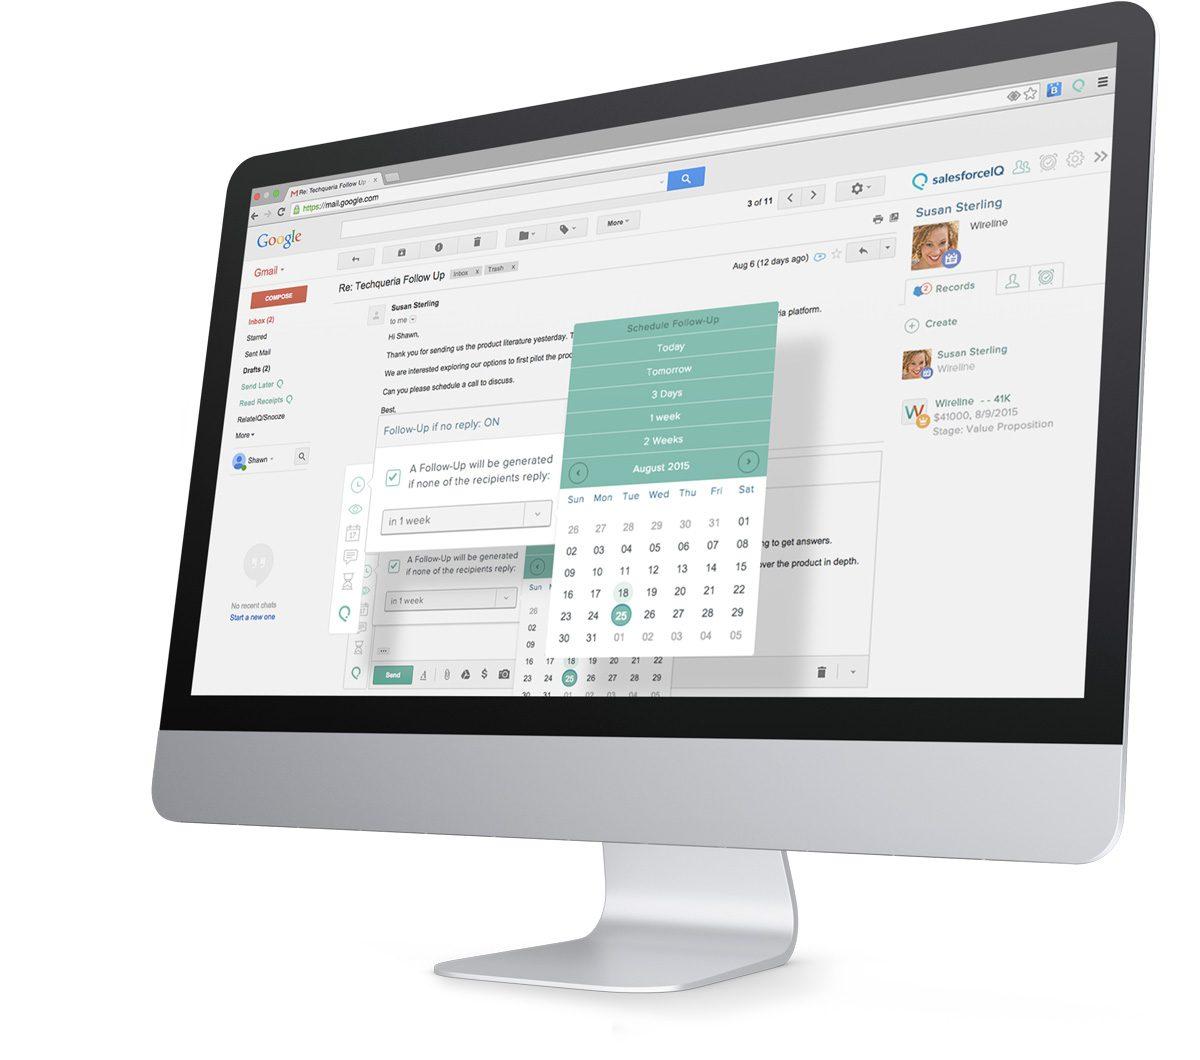 what is SalesforceIQ